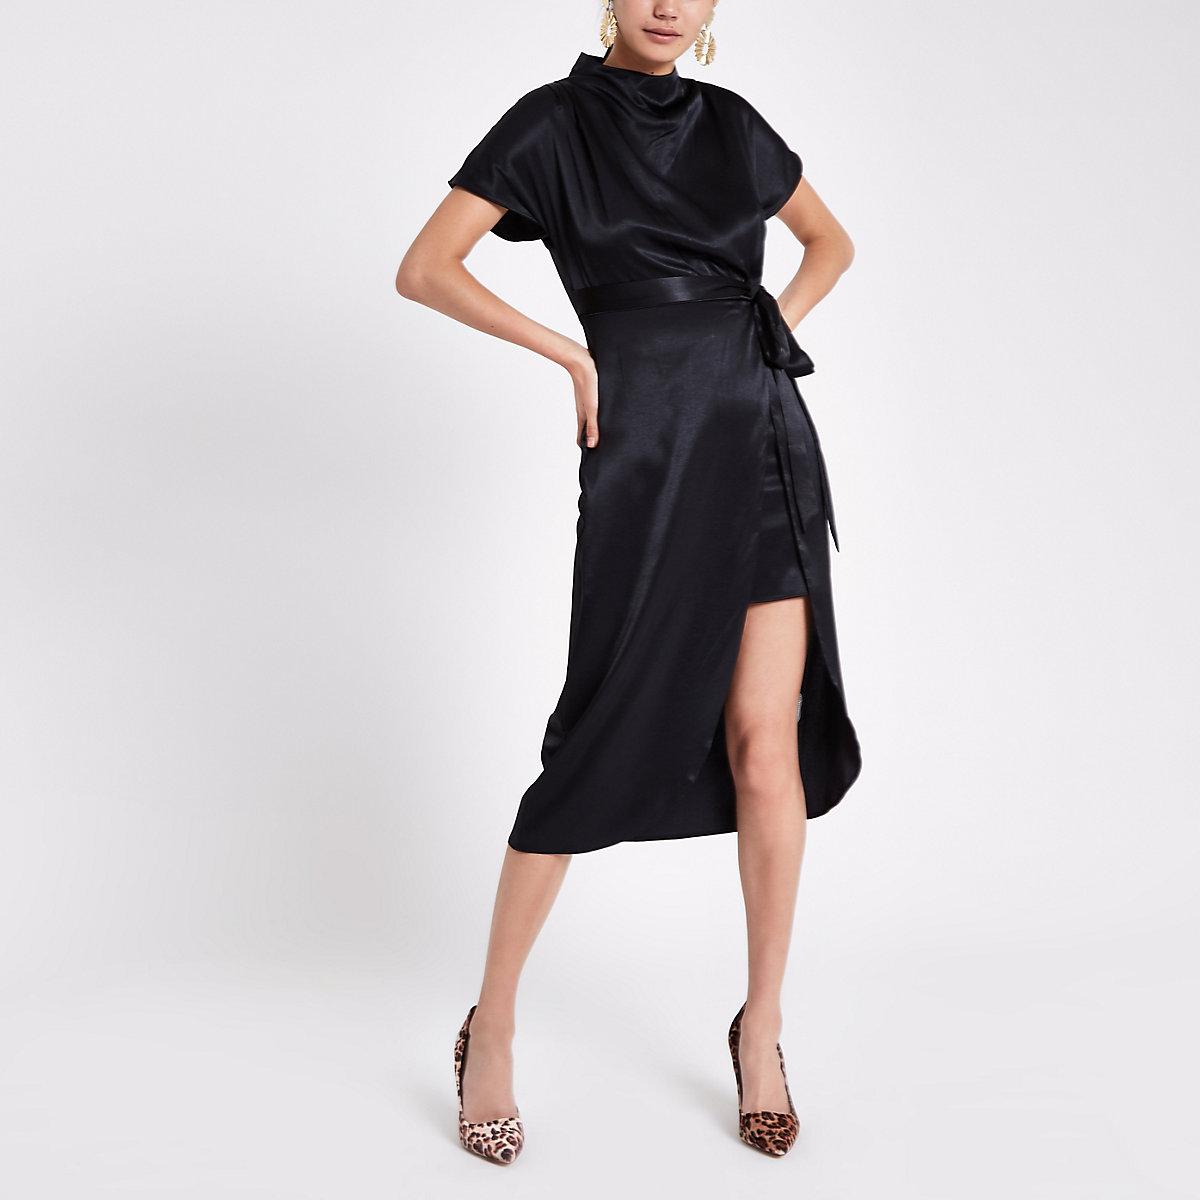 Zwarte hoogsluitende jurk met zijbandje